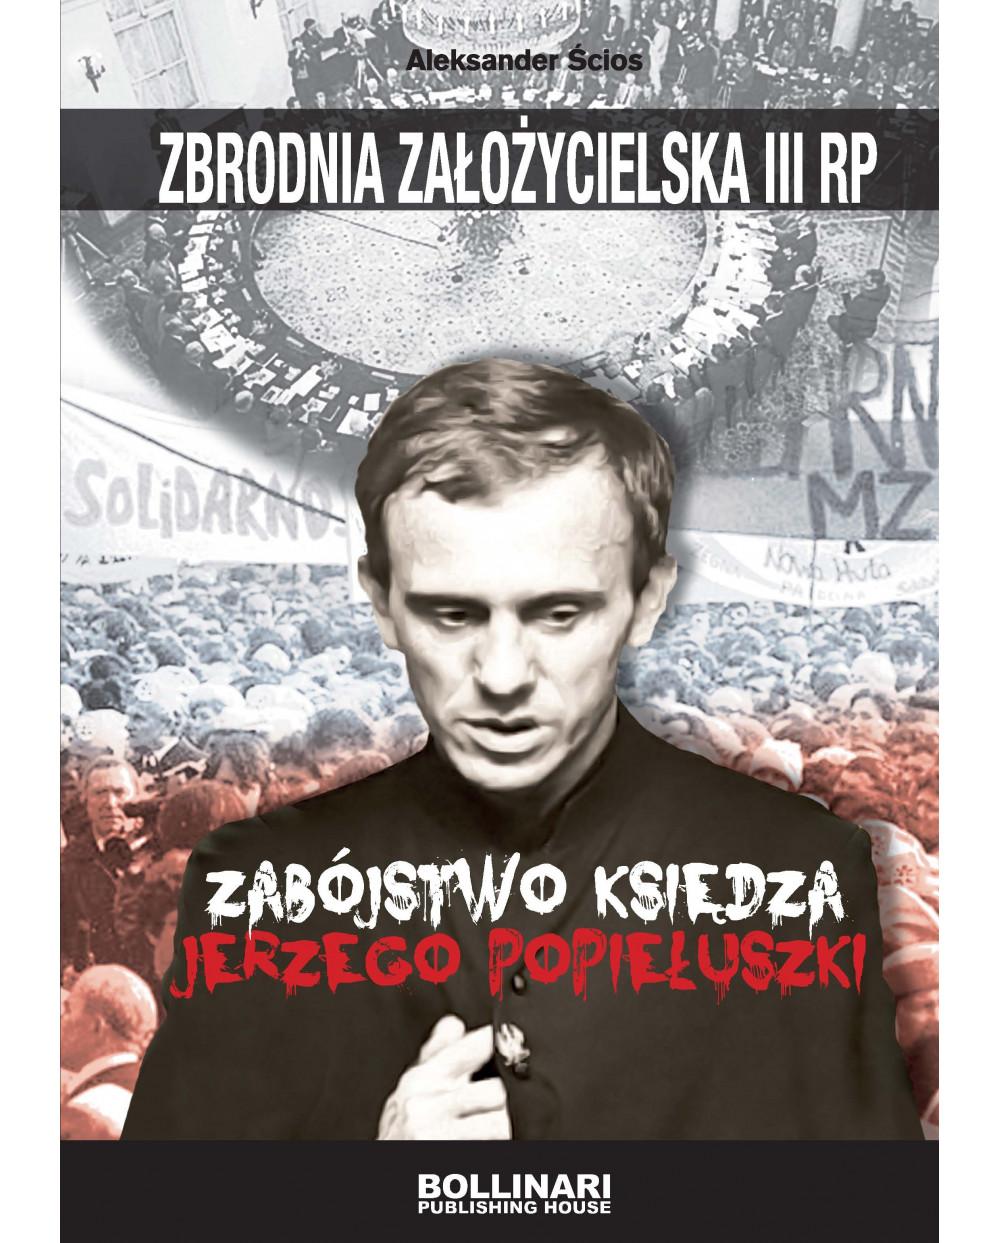 Aleksander Ścios - Zbrodnia założycielska III RP. Zabójstwo księdza Jerzego Popiełuszki